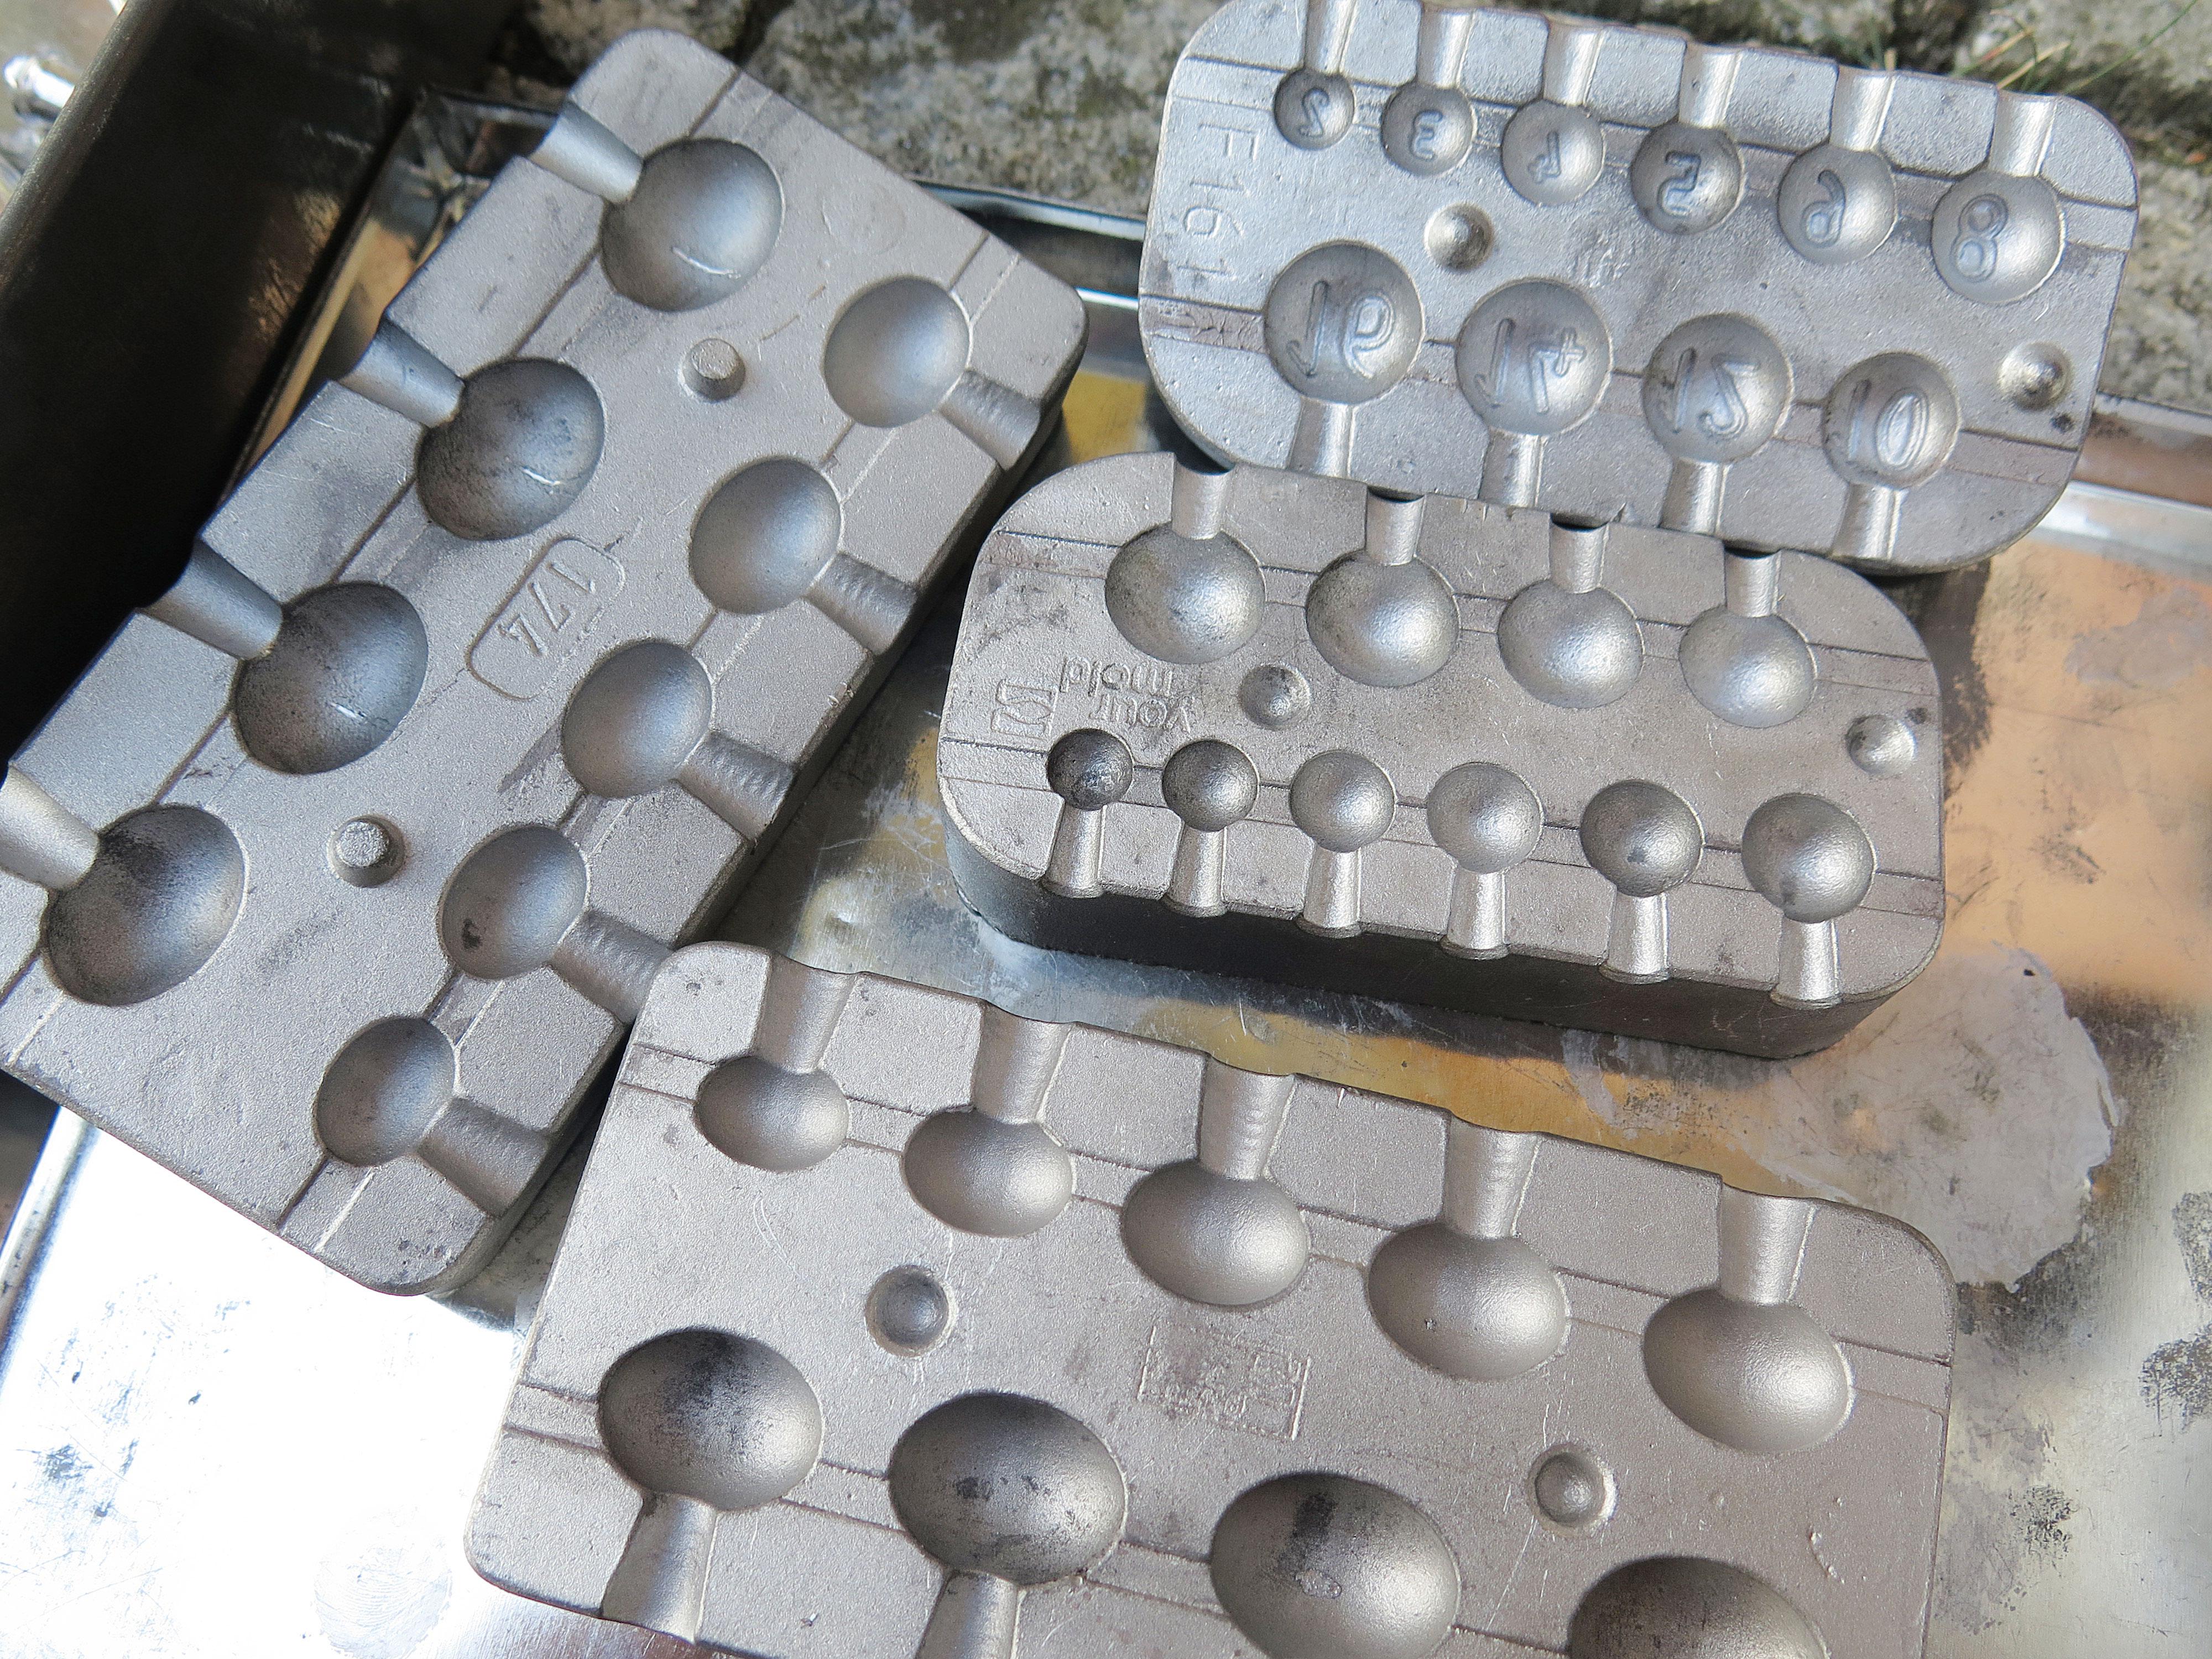 Die Gussformen gibt es unter anderem auf www.bleigussformen-shop.de. Foto: AngelWoche/R.Schwarzer